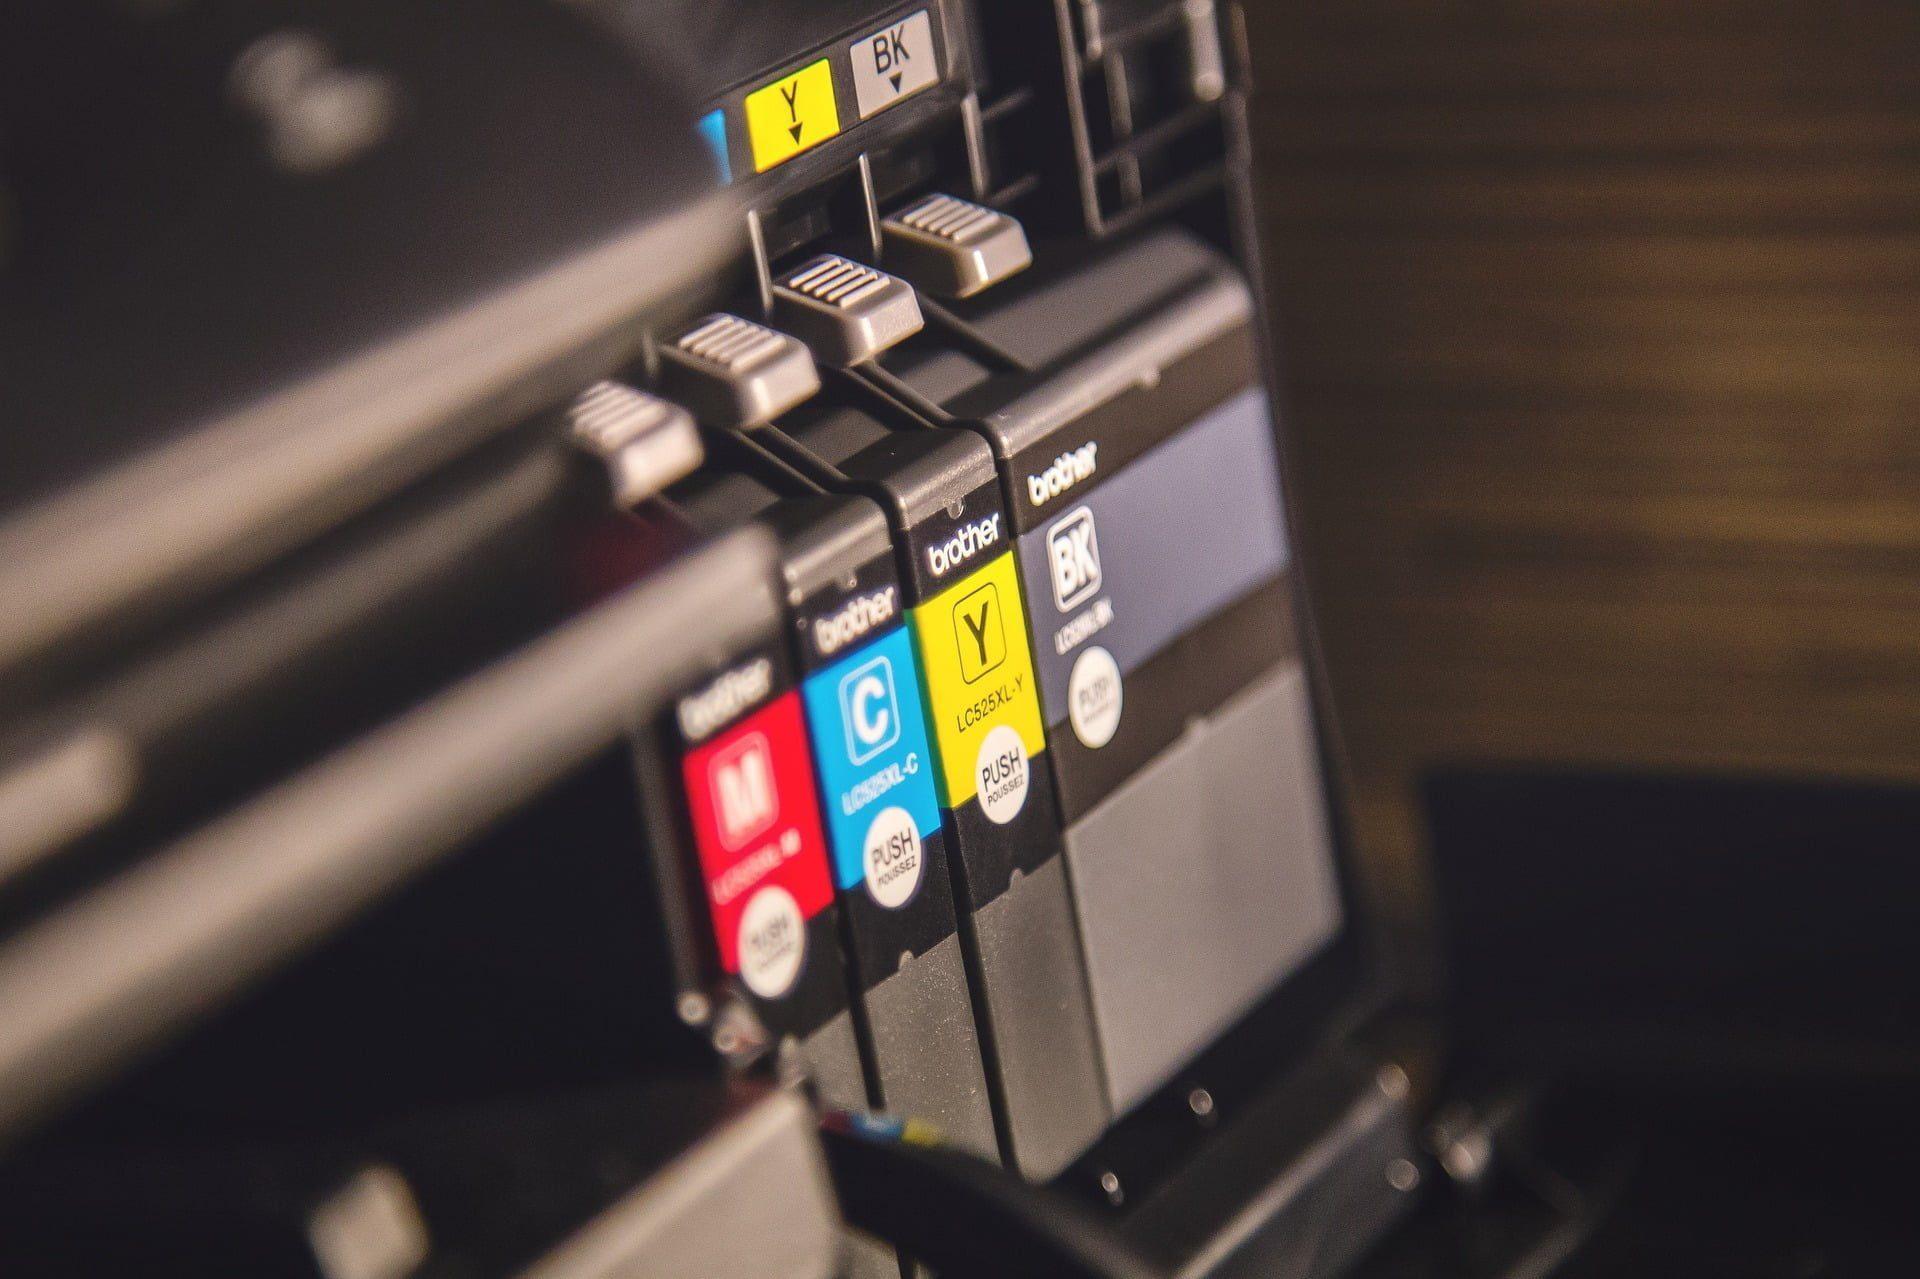 reincarcari cartuse imprimanta service it cu interventie rapida SERVICE IT CU INTERVENTIE RAPIDA IN BUCURESTI incarcari cartuse imprimanta 1